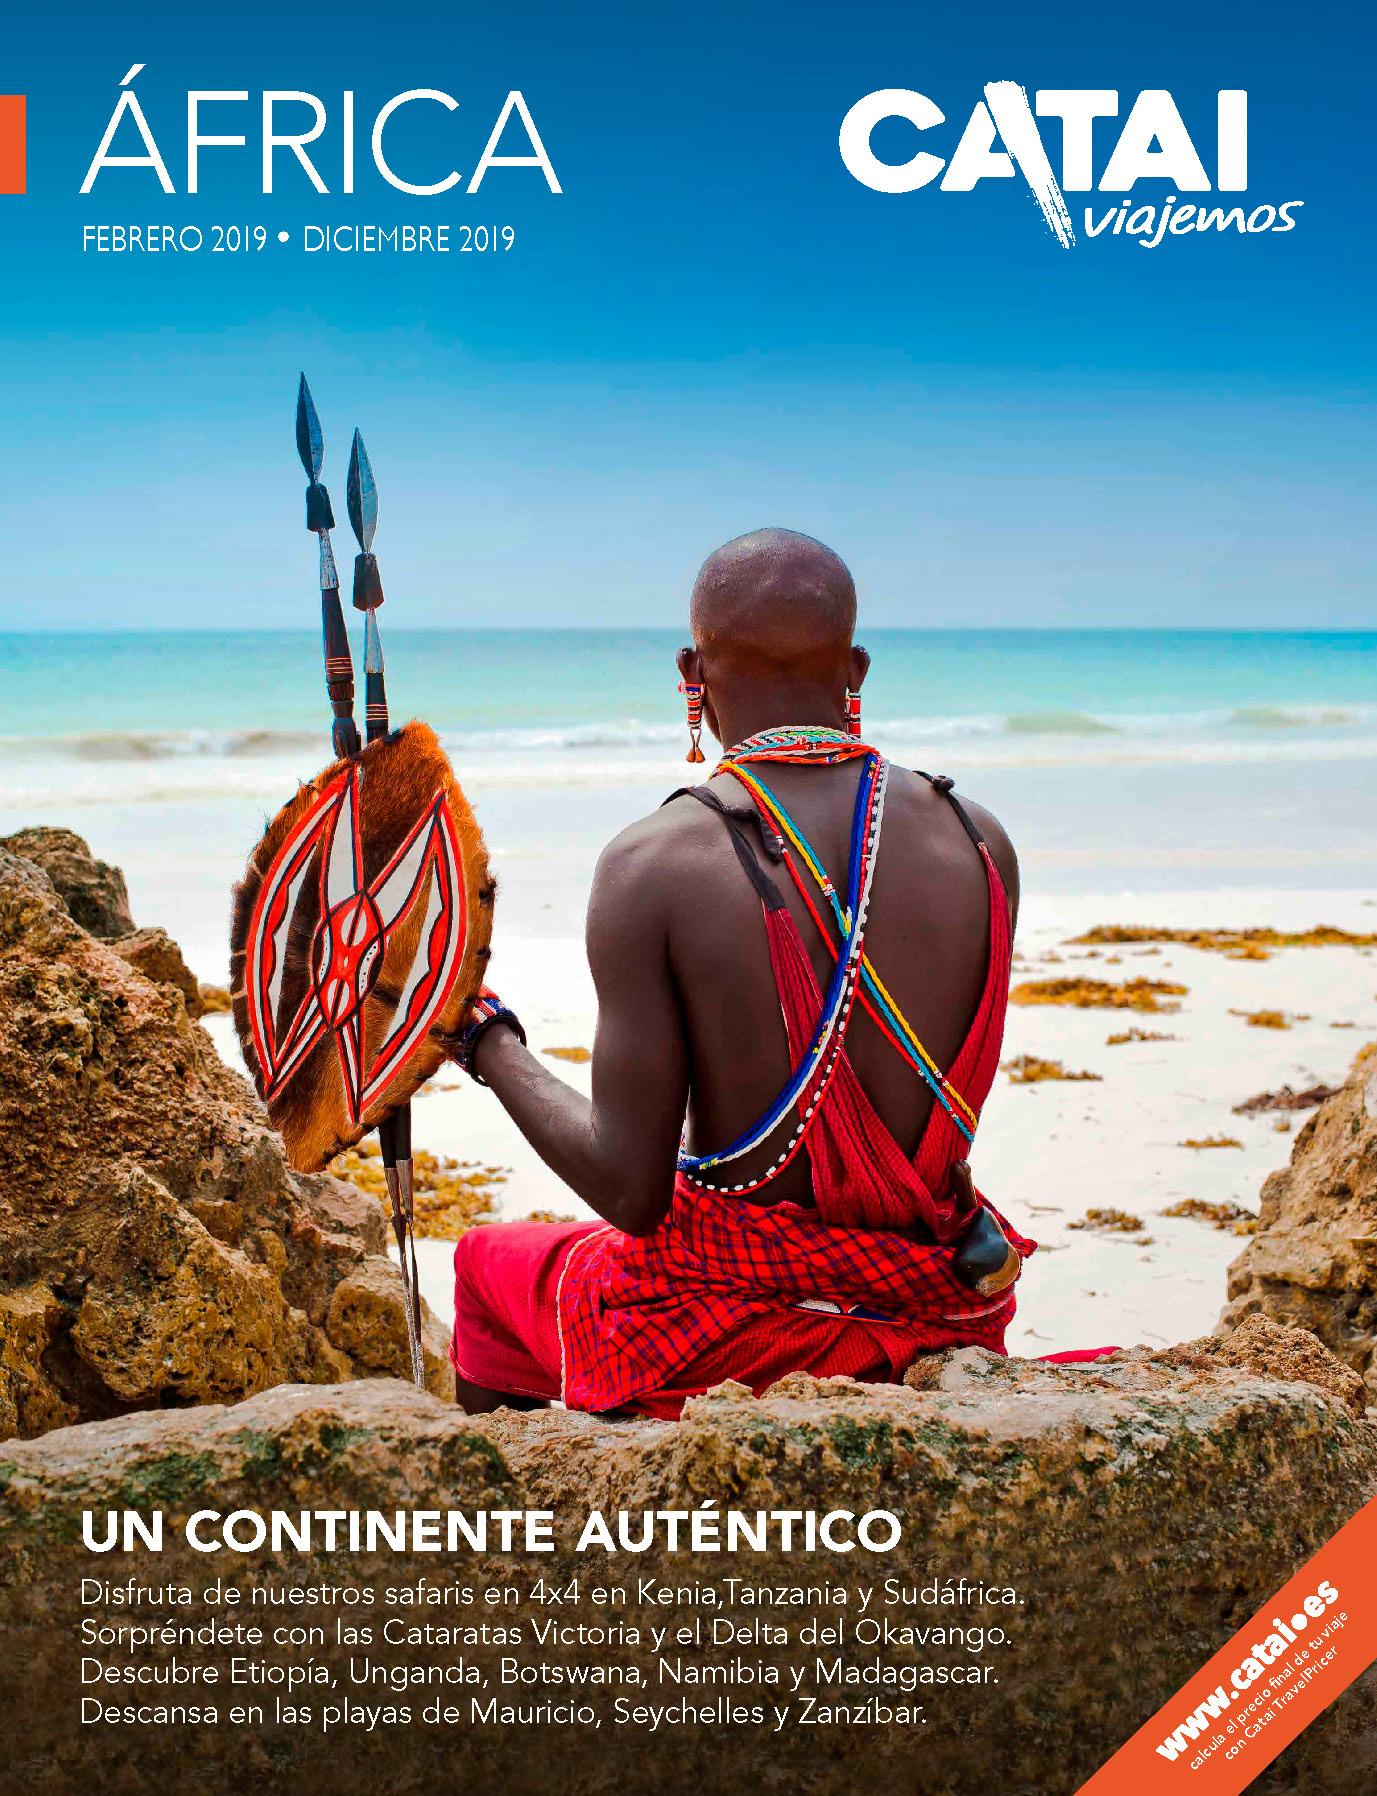 Catalogo Catai Africa 2019